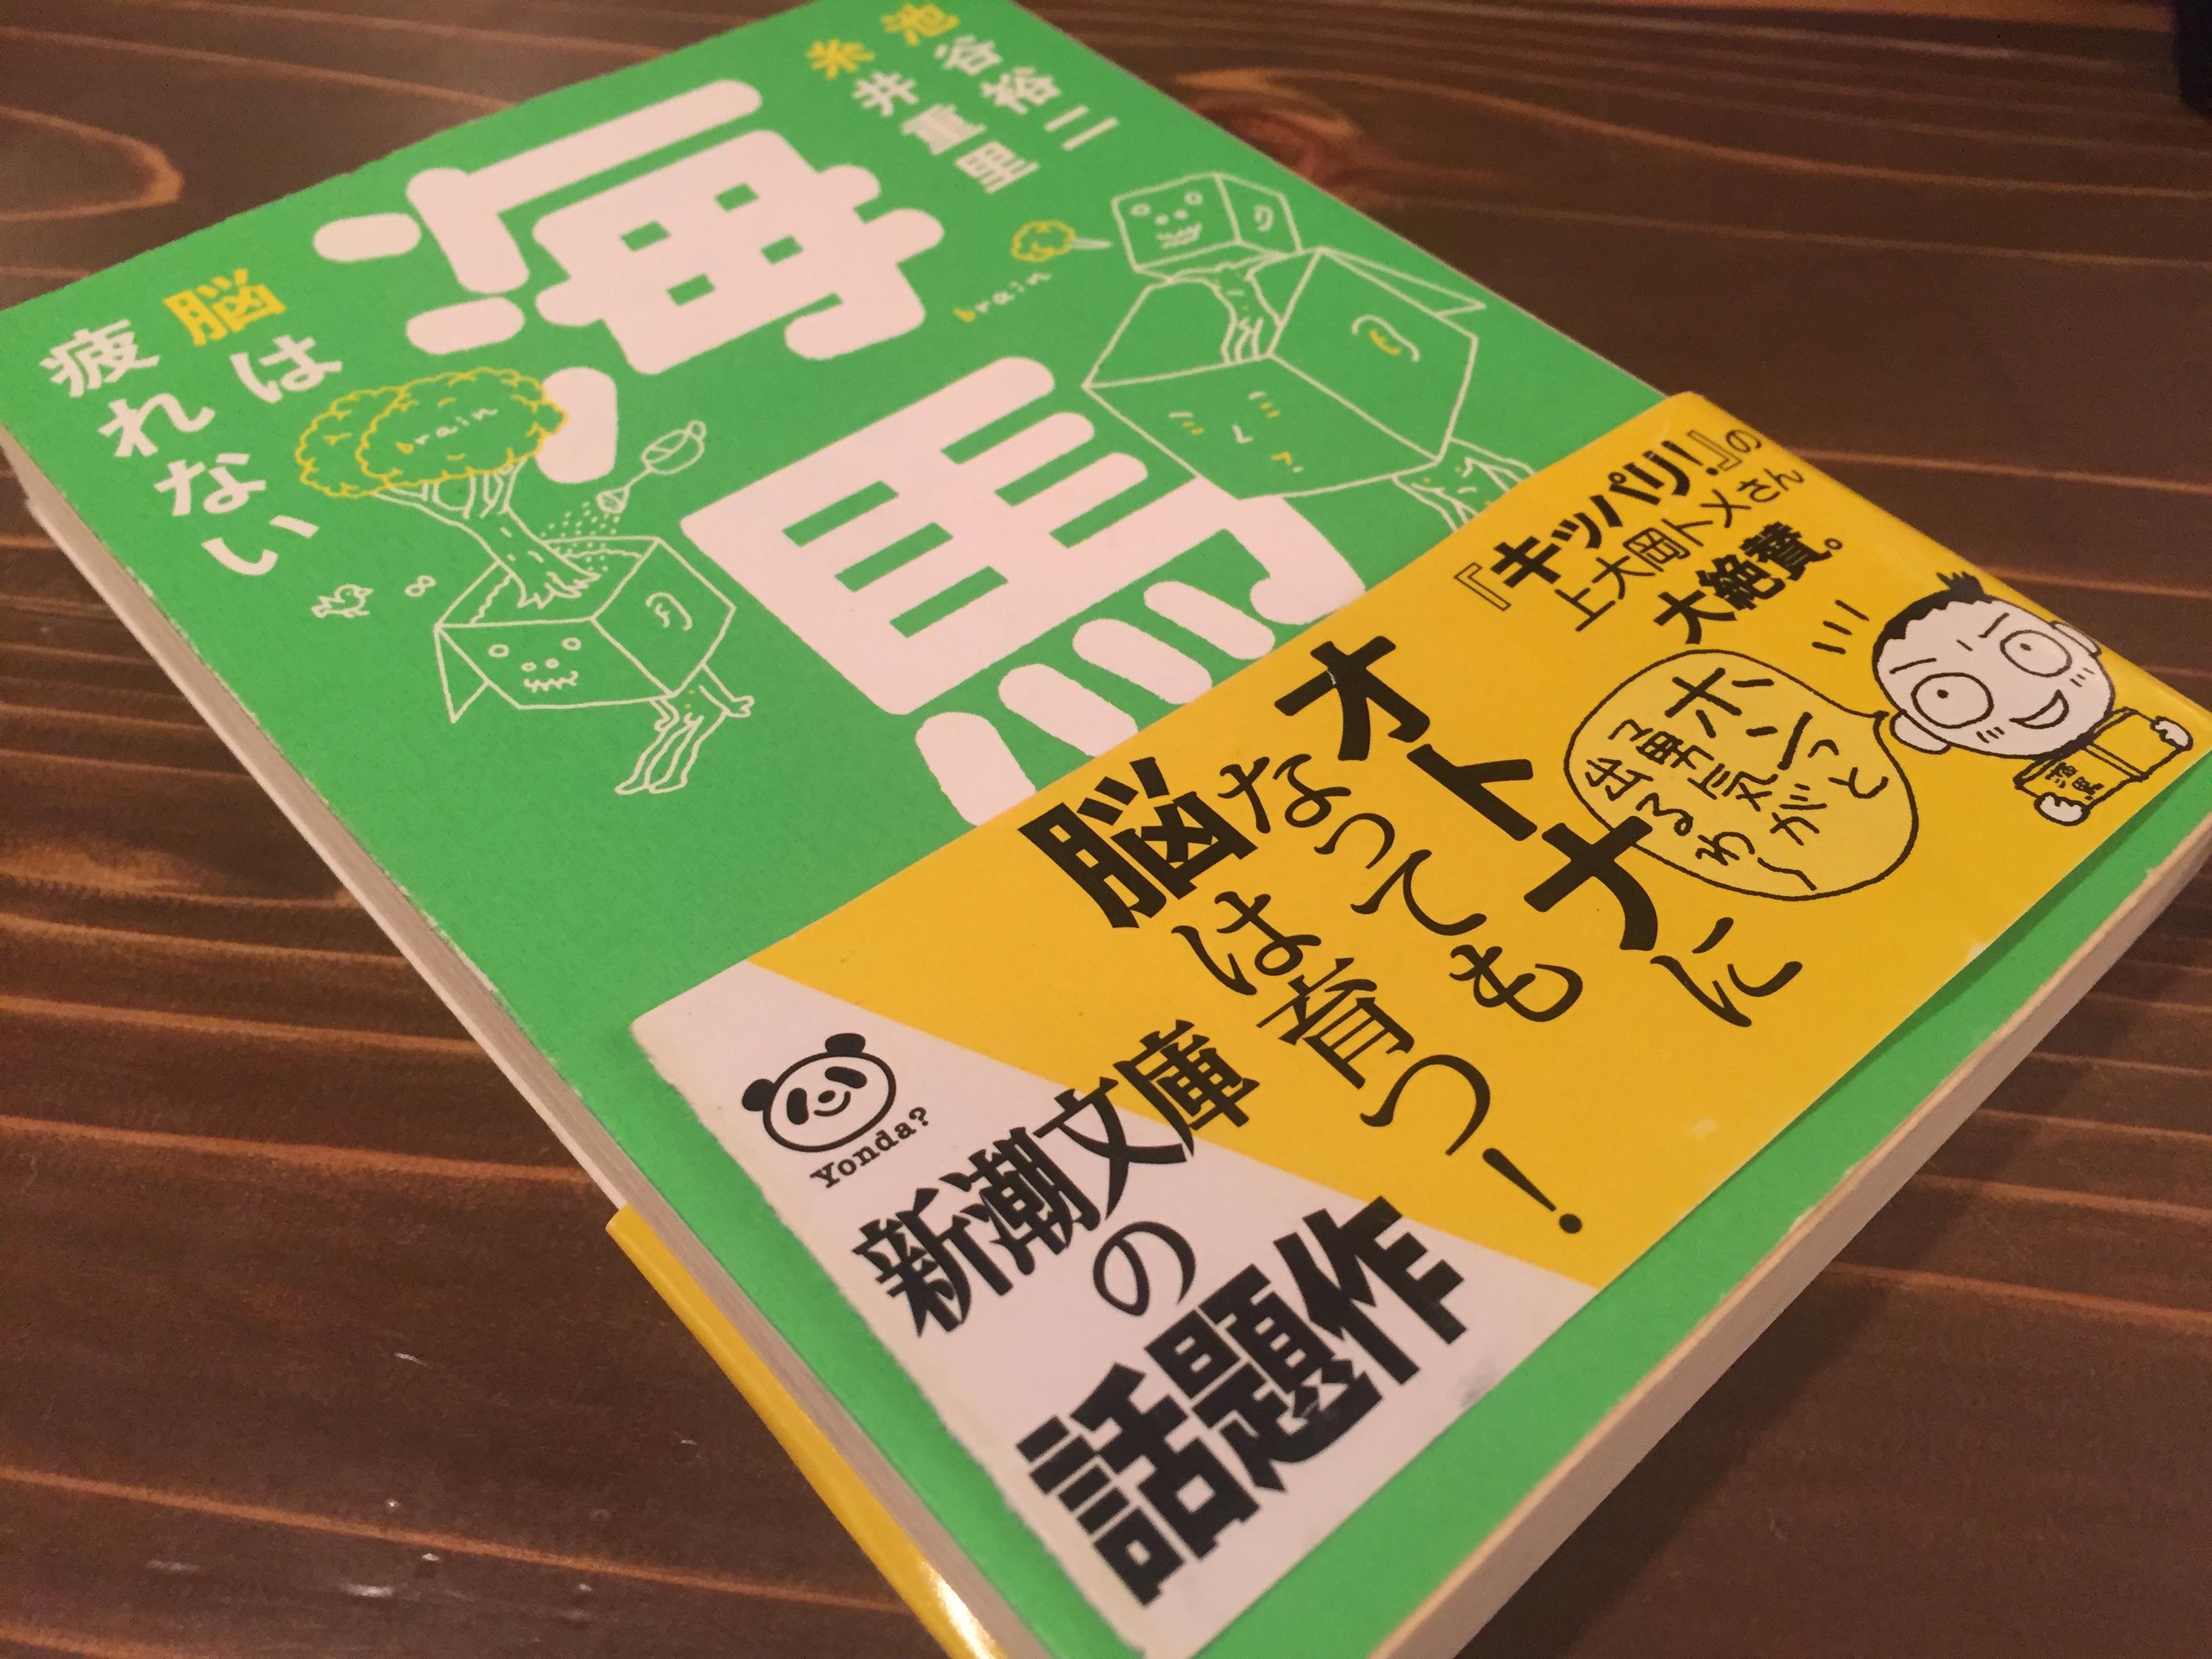 人材育成に役立つ本「海馬」